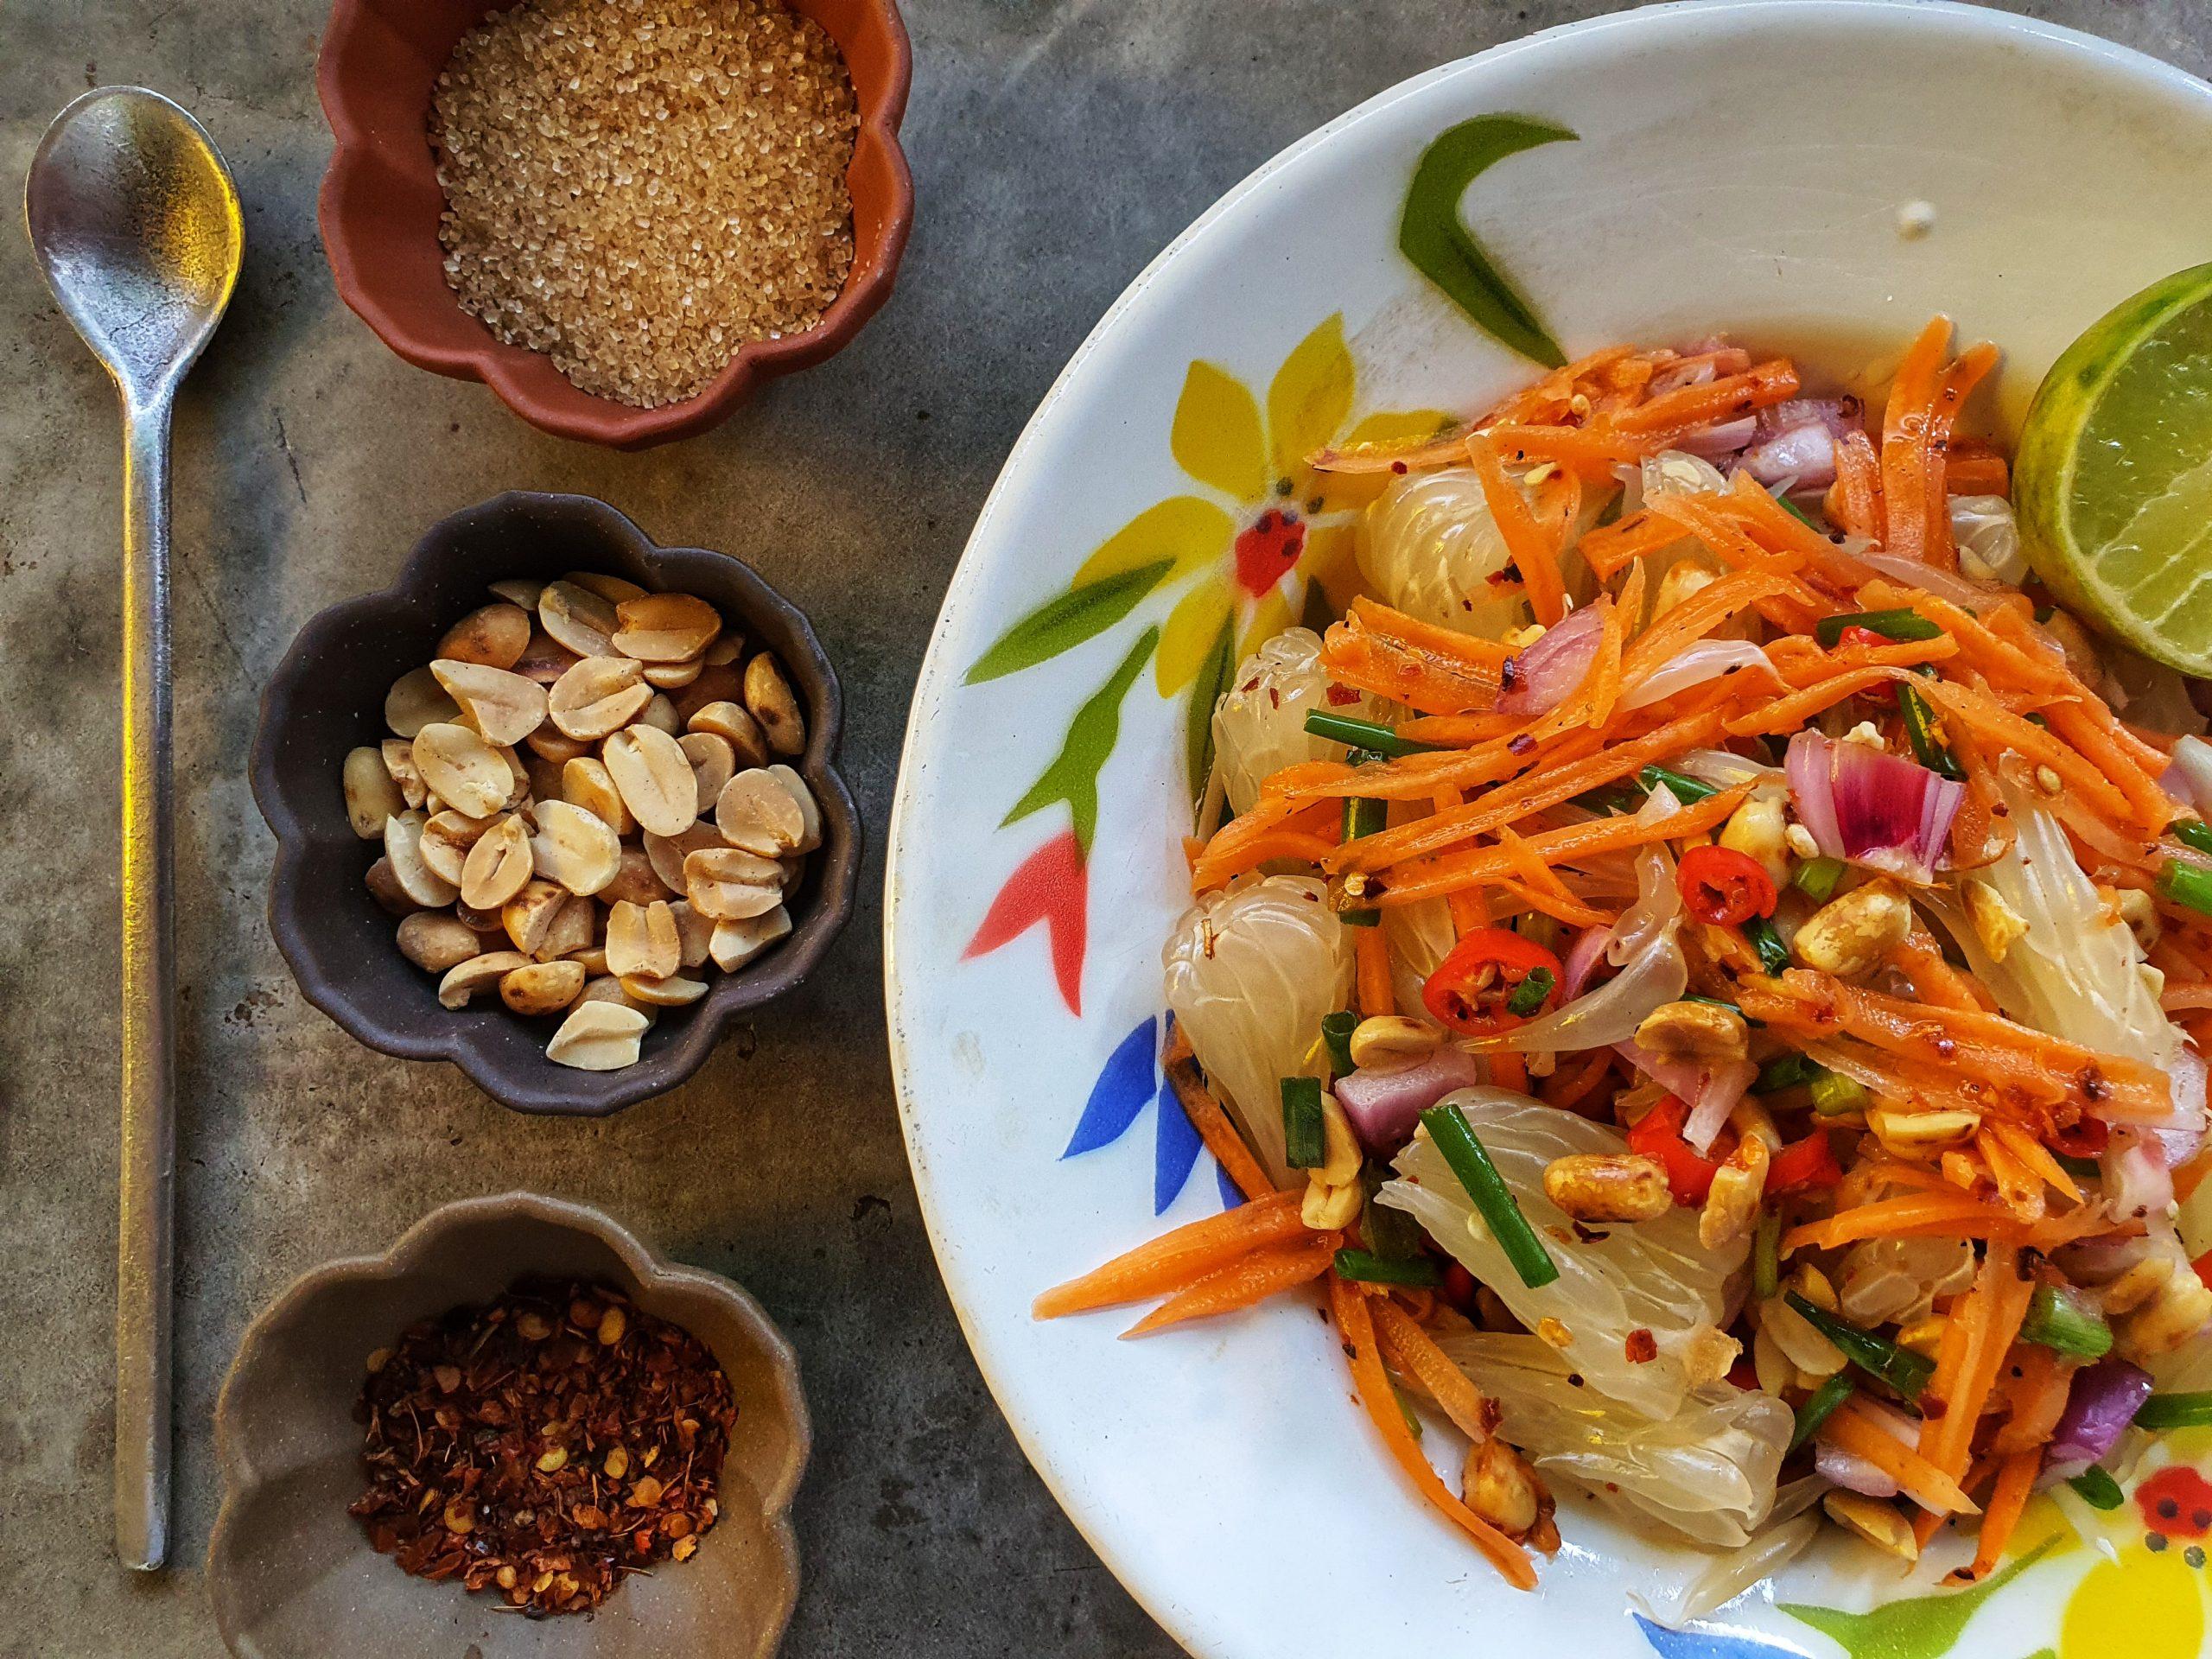 סלט פומלה תאילנדי